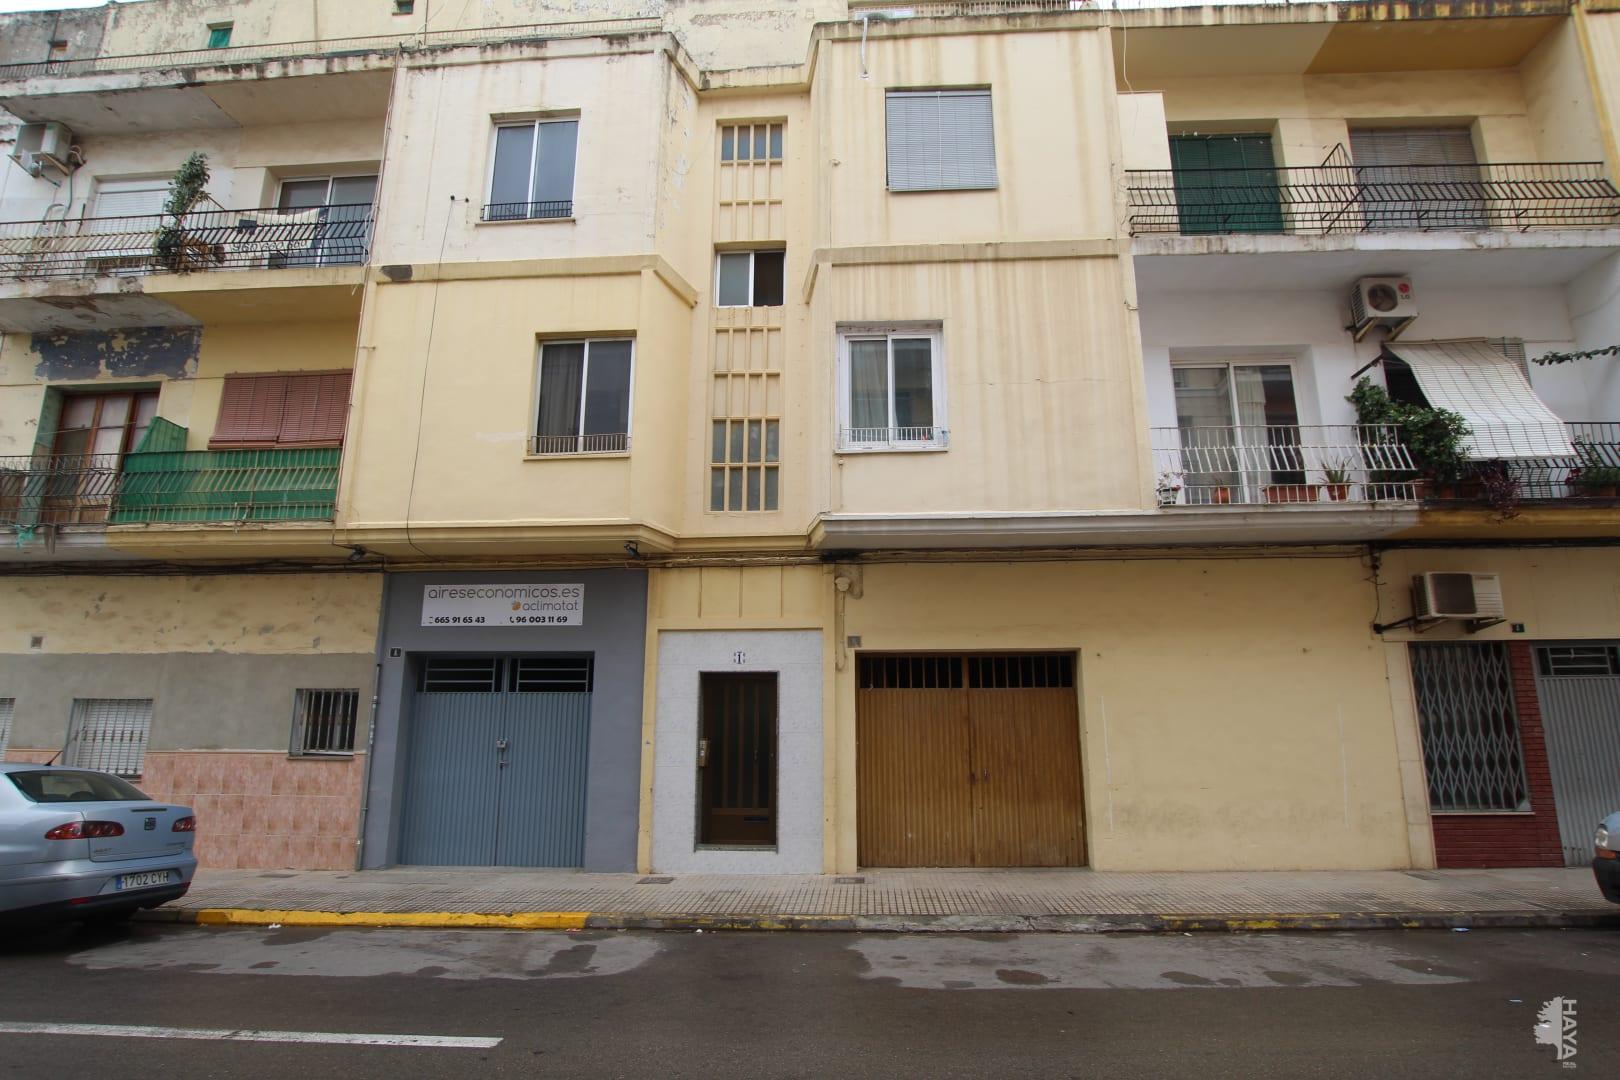 Piso en venta en Carlet, Valencia, Calle Miguel Hernandez, 81.270 €, 3 habitaciones, 1 baño, 89 m2